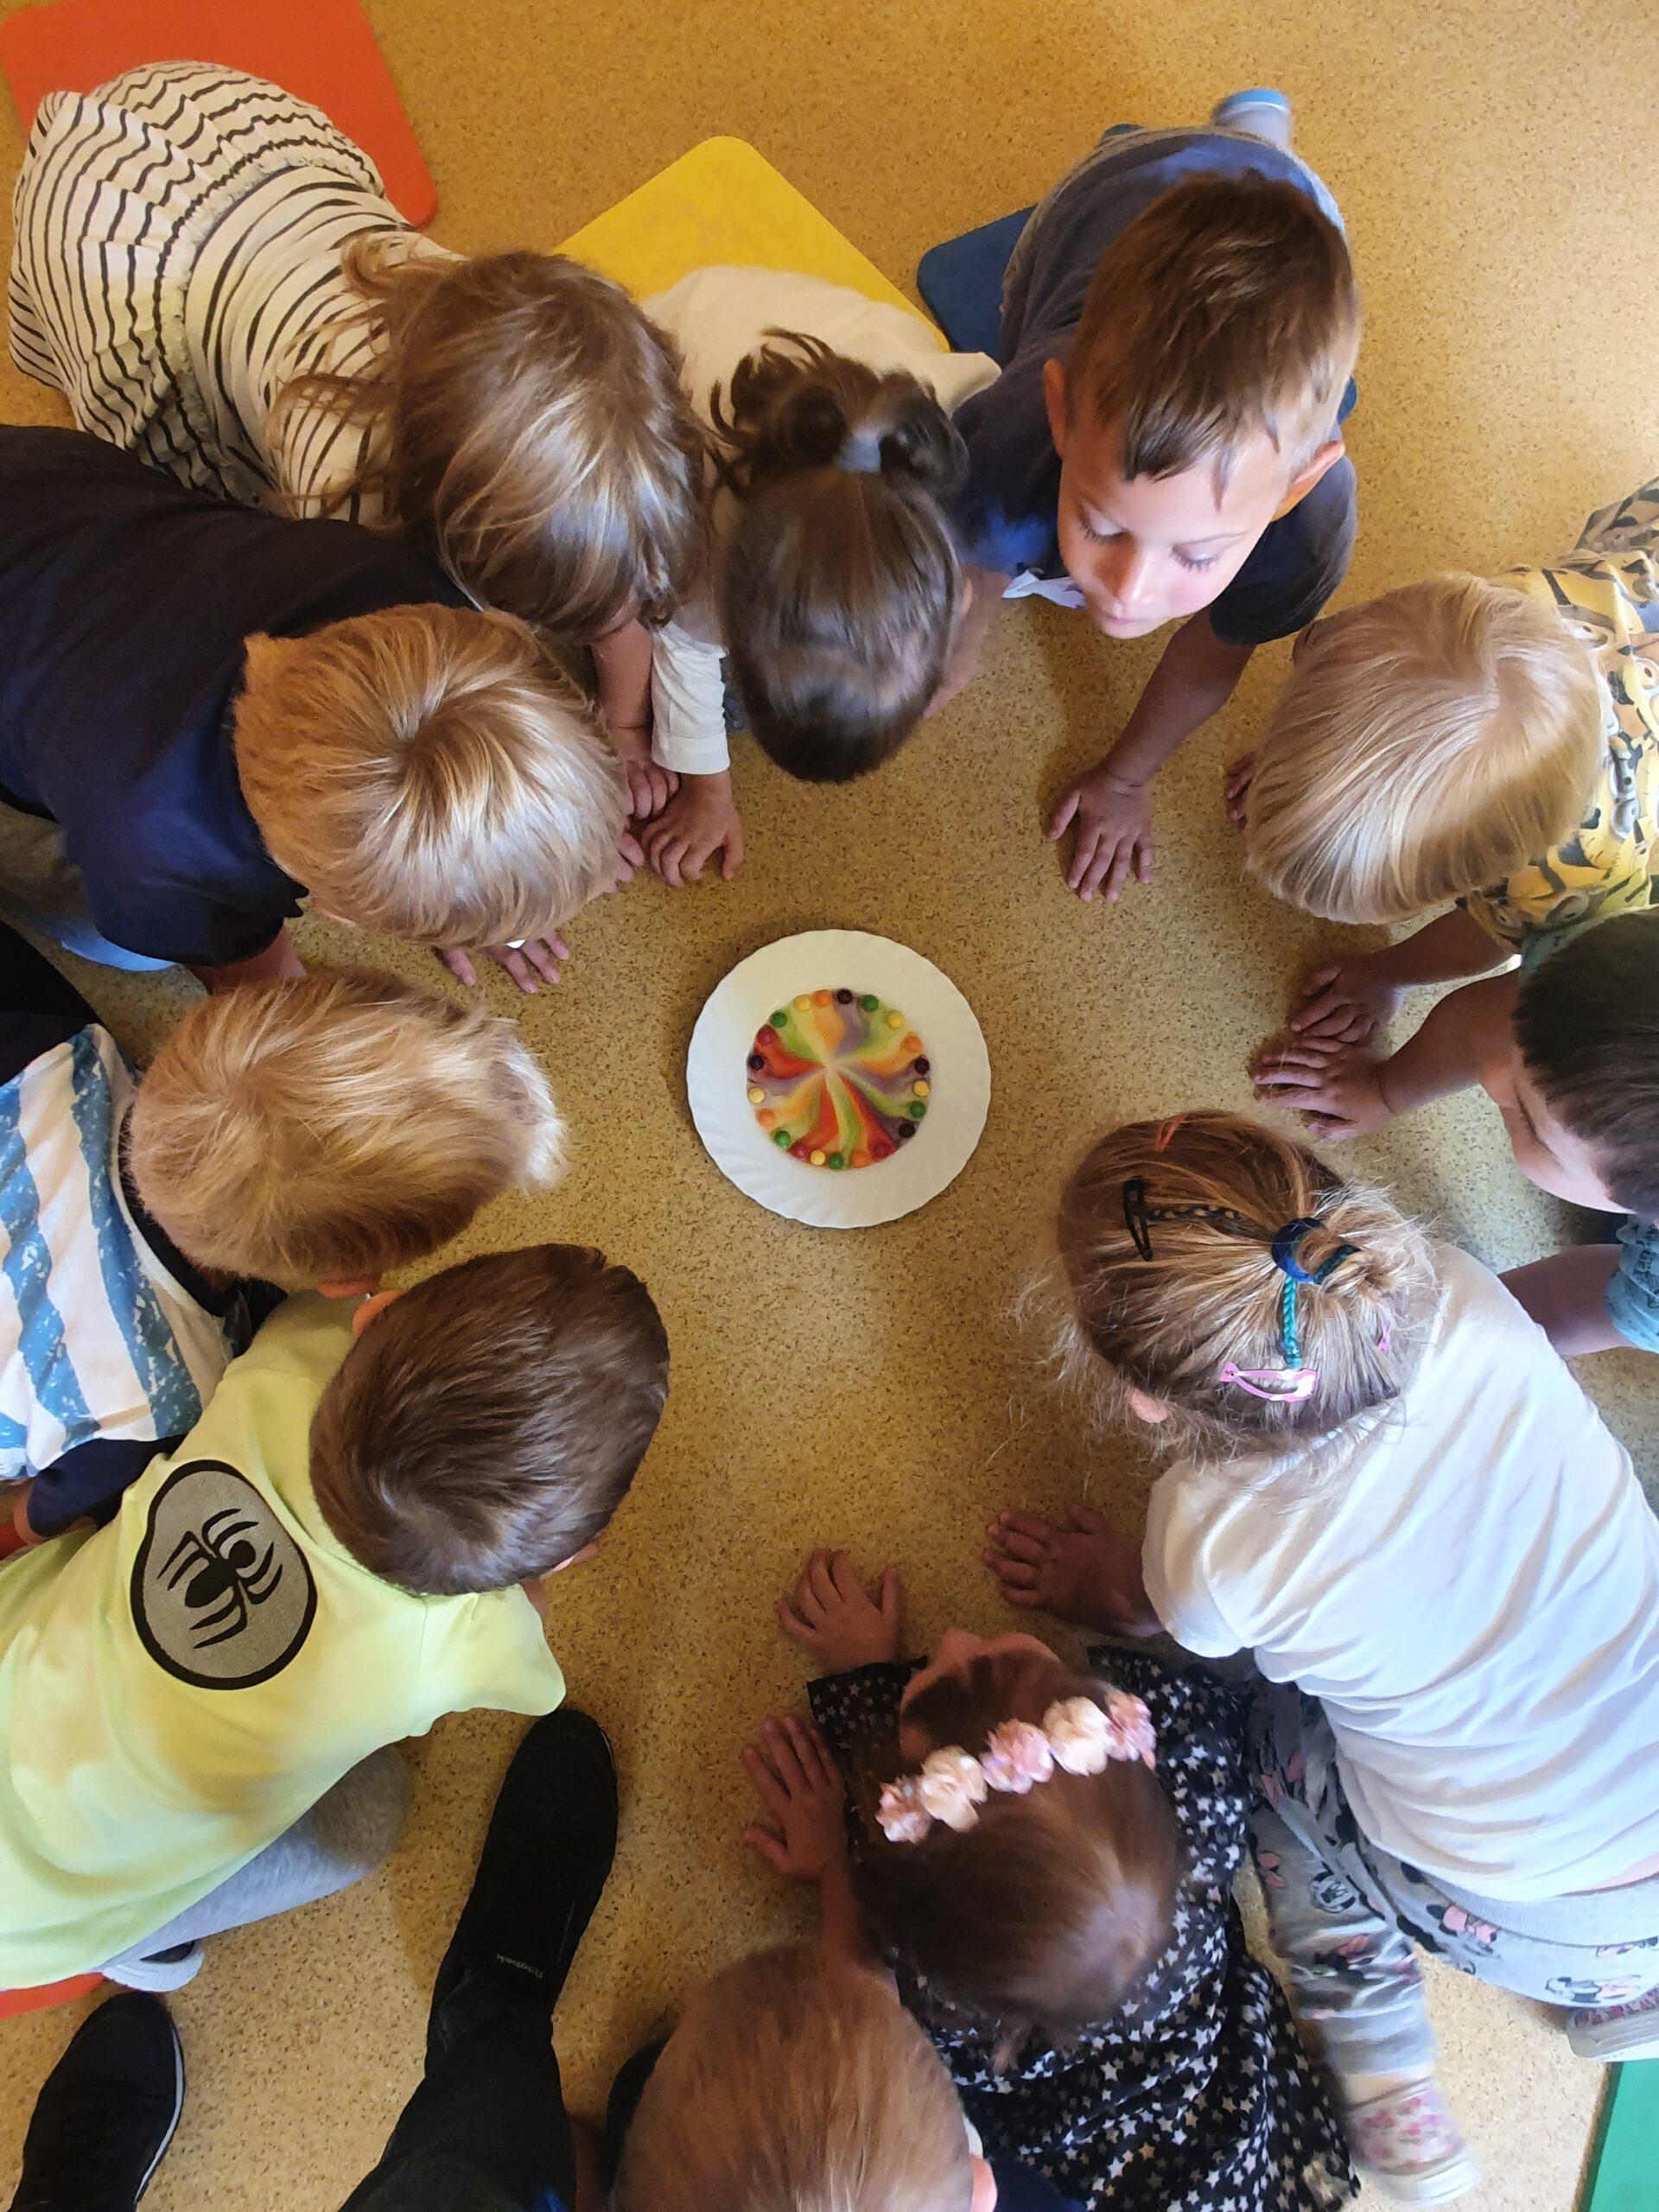 dzieci nachylają się nad talerzykiem na którym kolorowe cukierki rozpuszczają się w wodzie tworząc tęczę